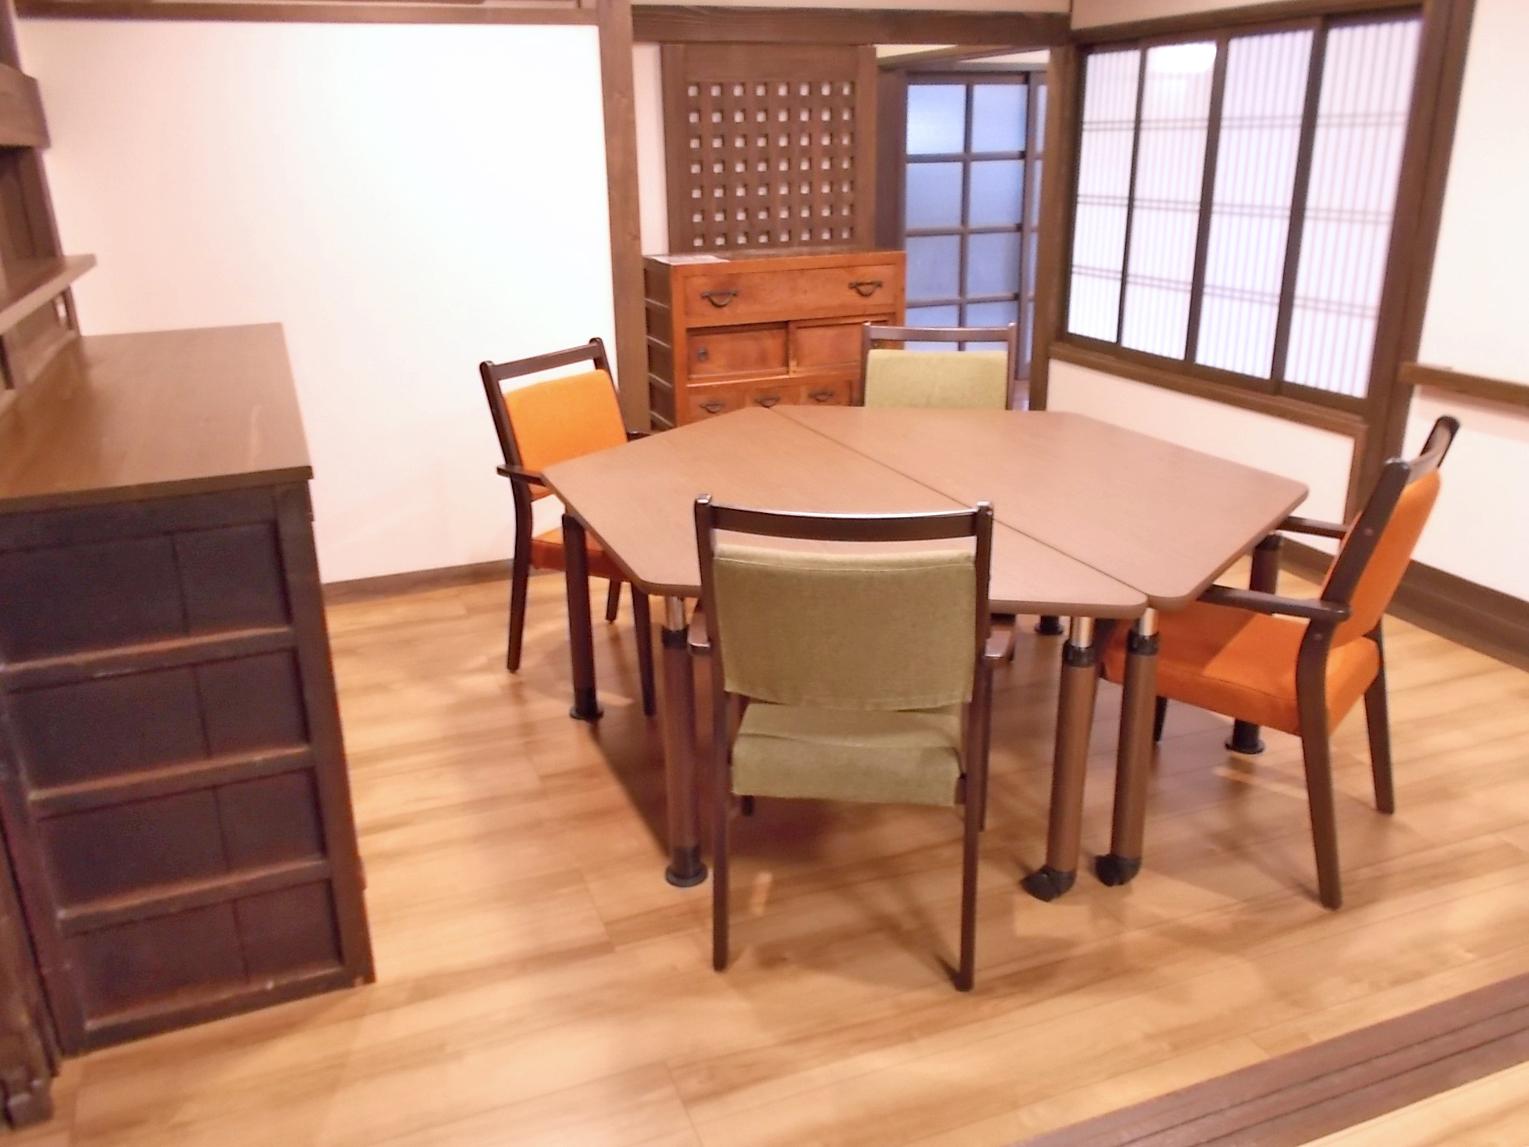 大垣市ケアステーションへ家具を納品しました。